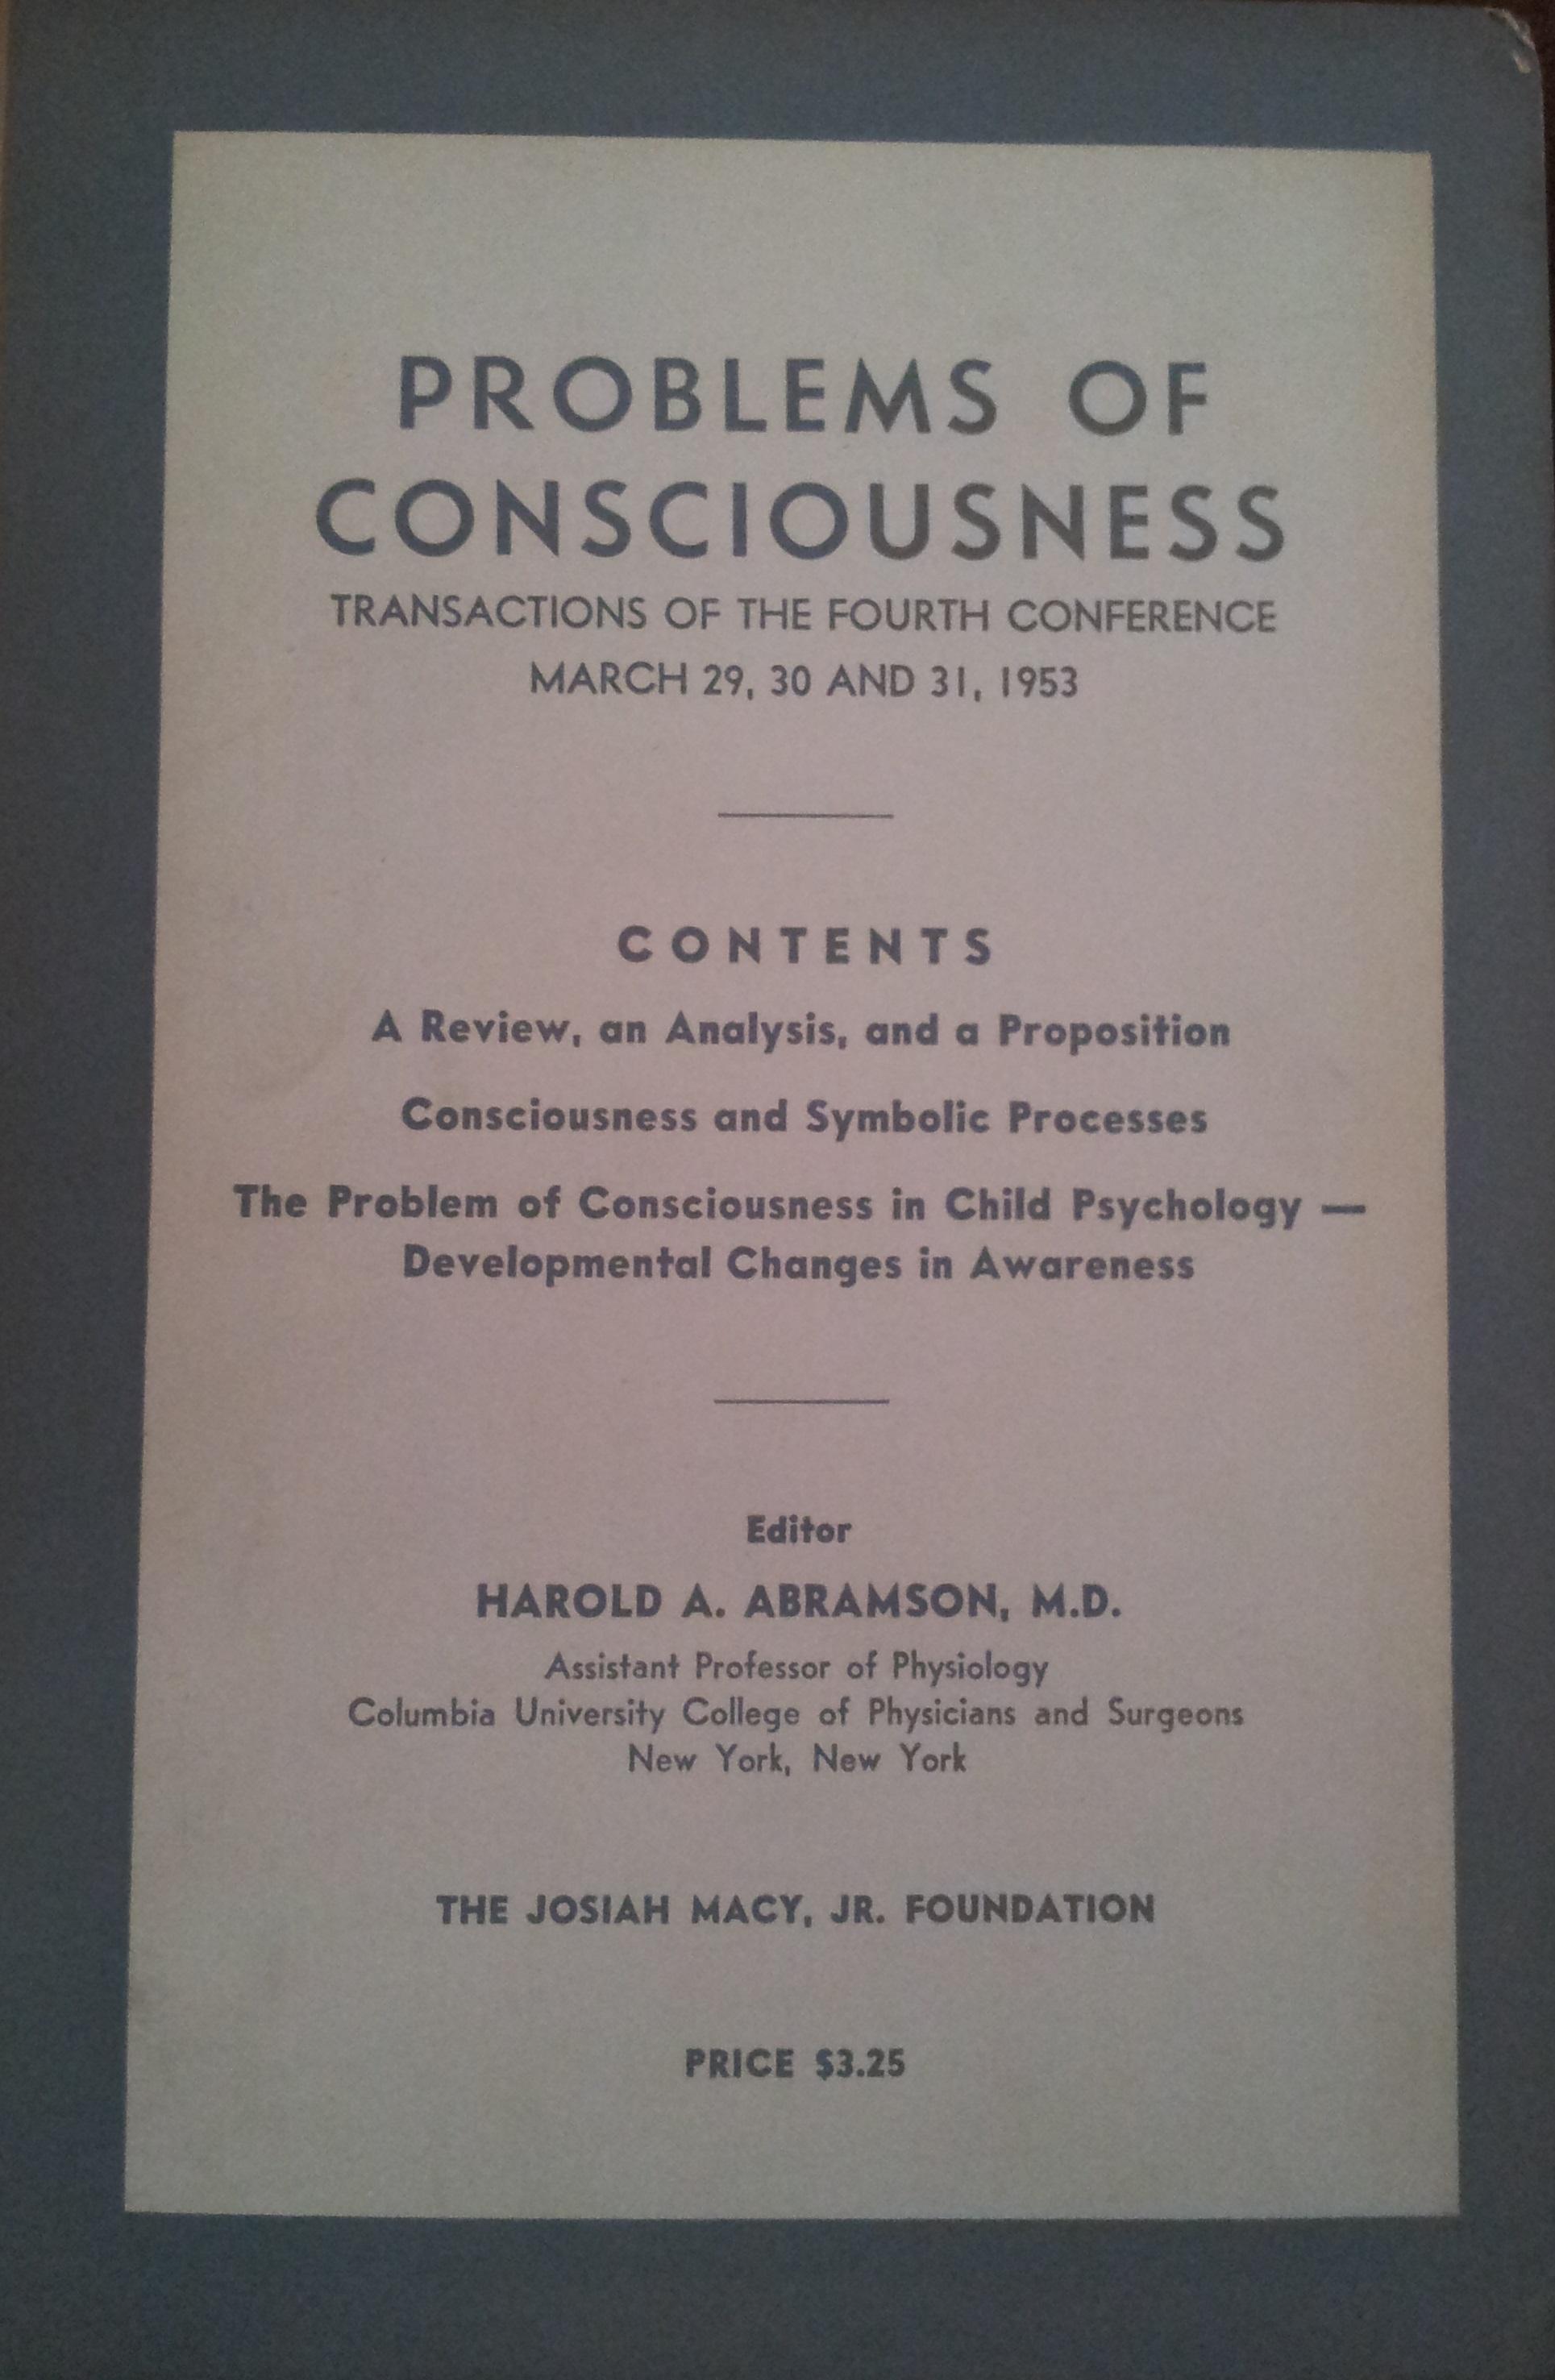 Problems of Consciousness